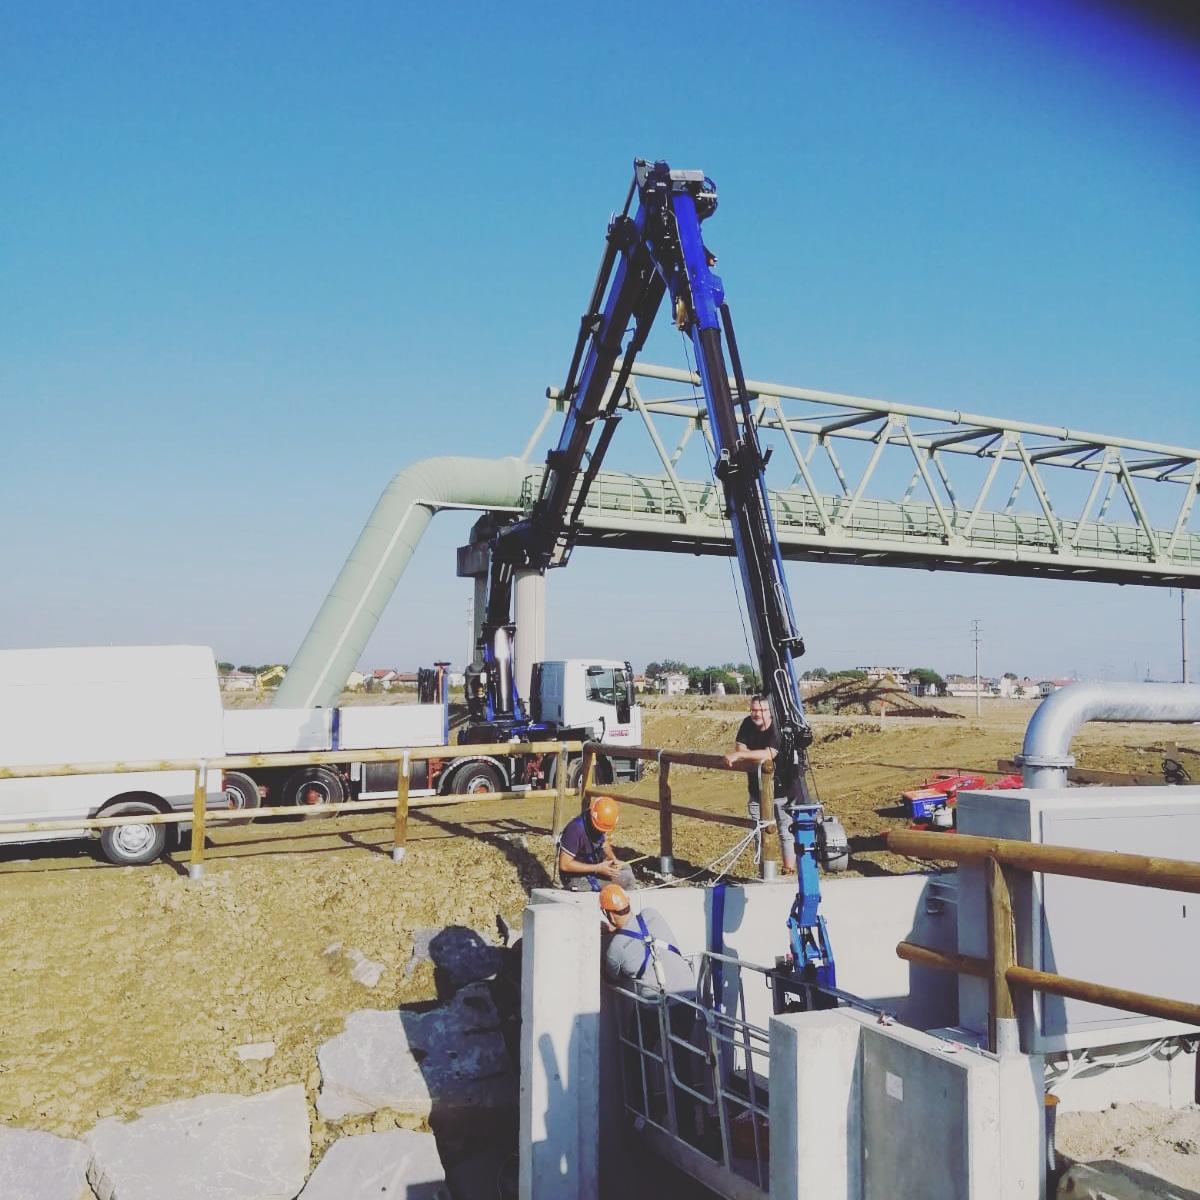 Rimini gru noleggio camion gru per intervento montaggio carpenteria Emilia Romagna Marche